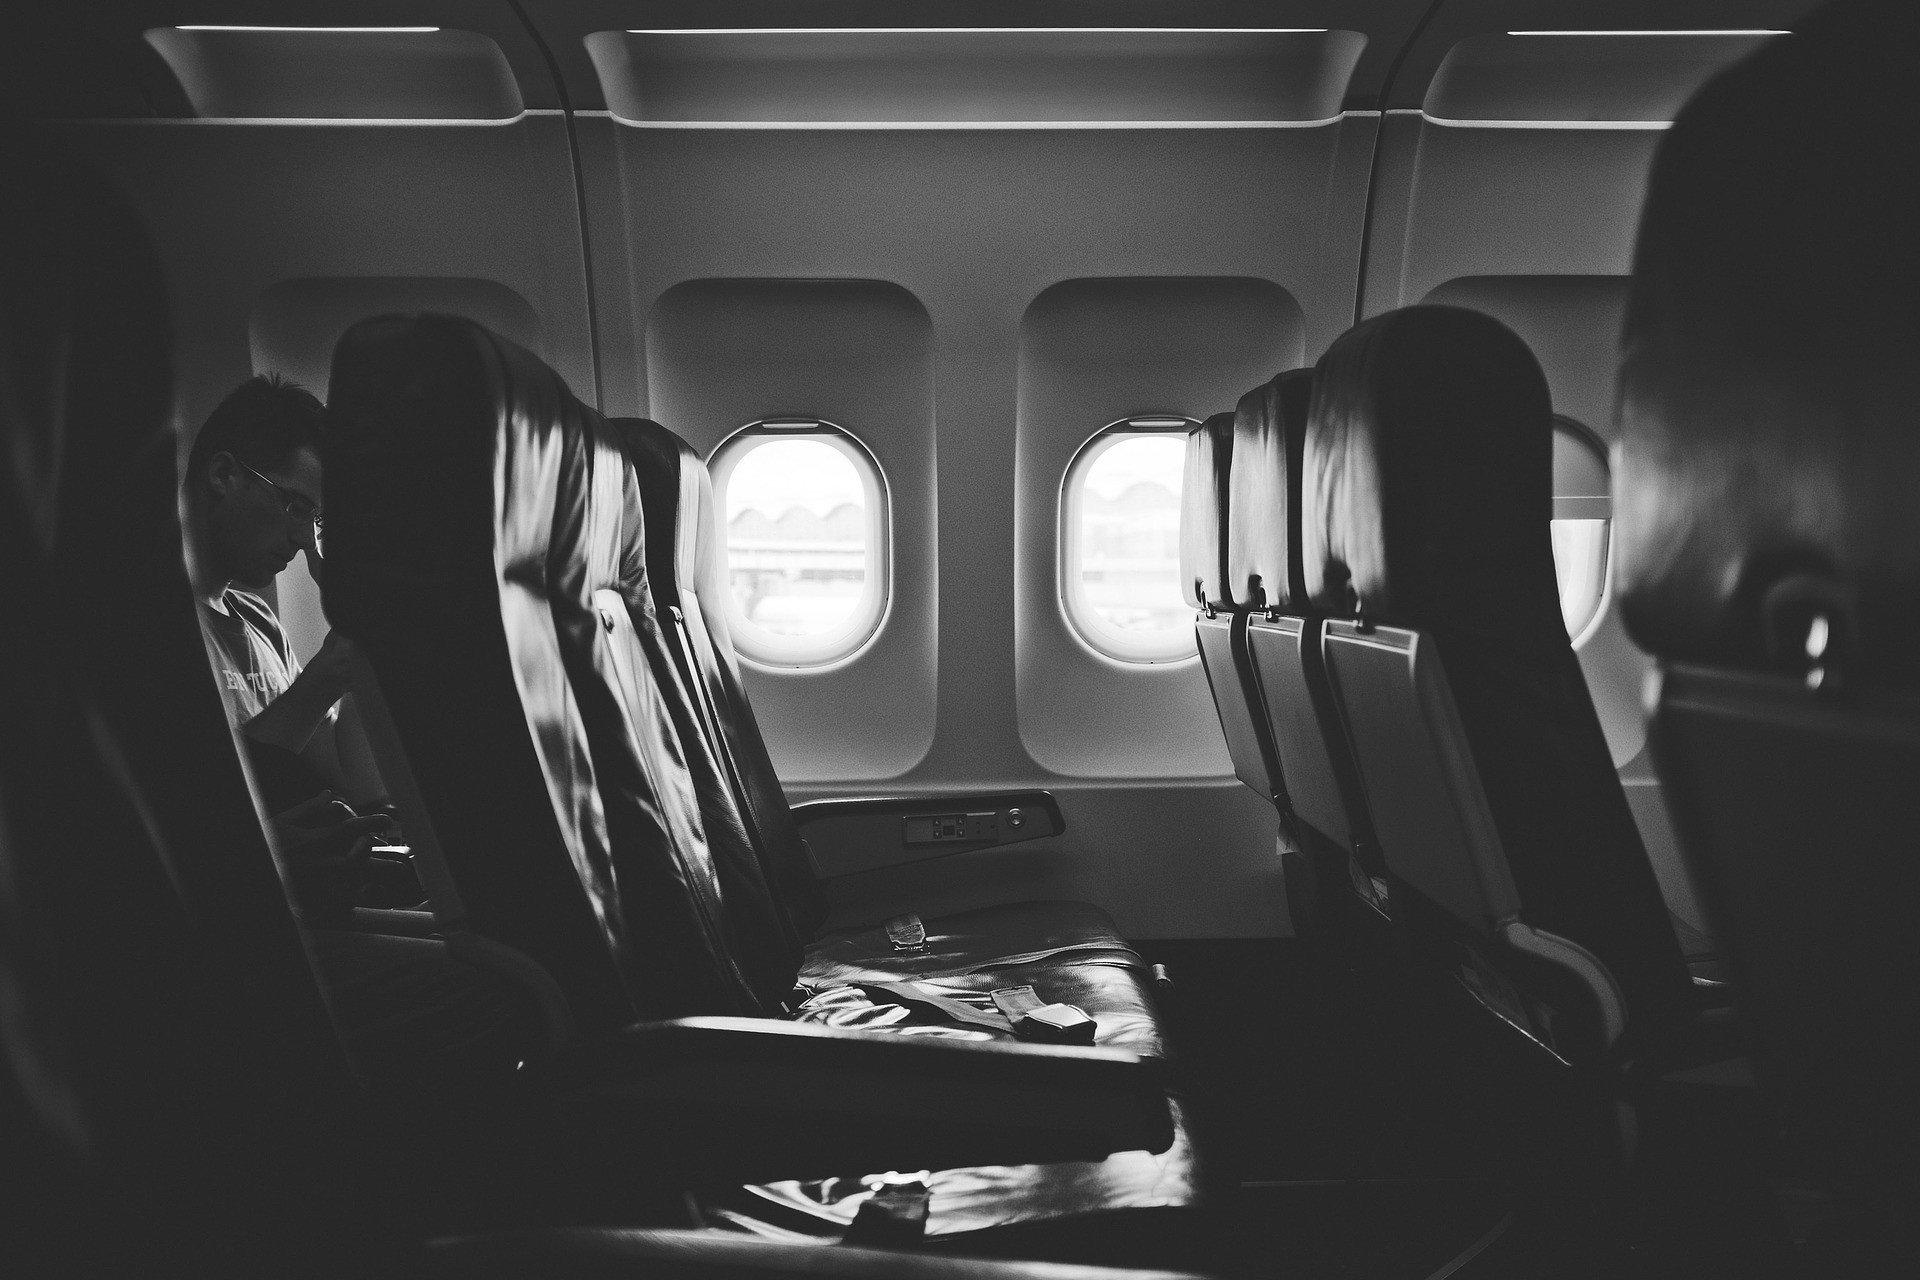 Еврокомиссия разработала новые правила путешествий